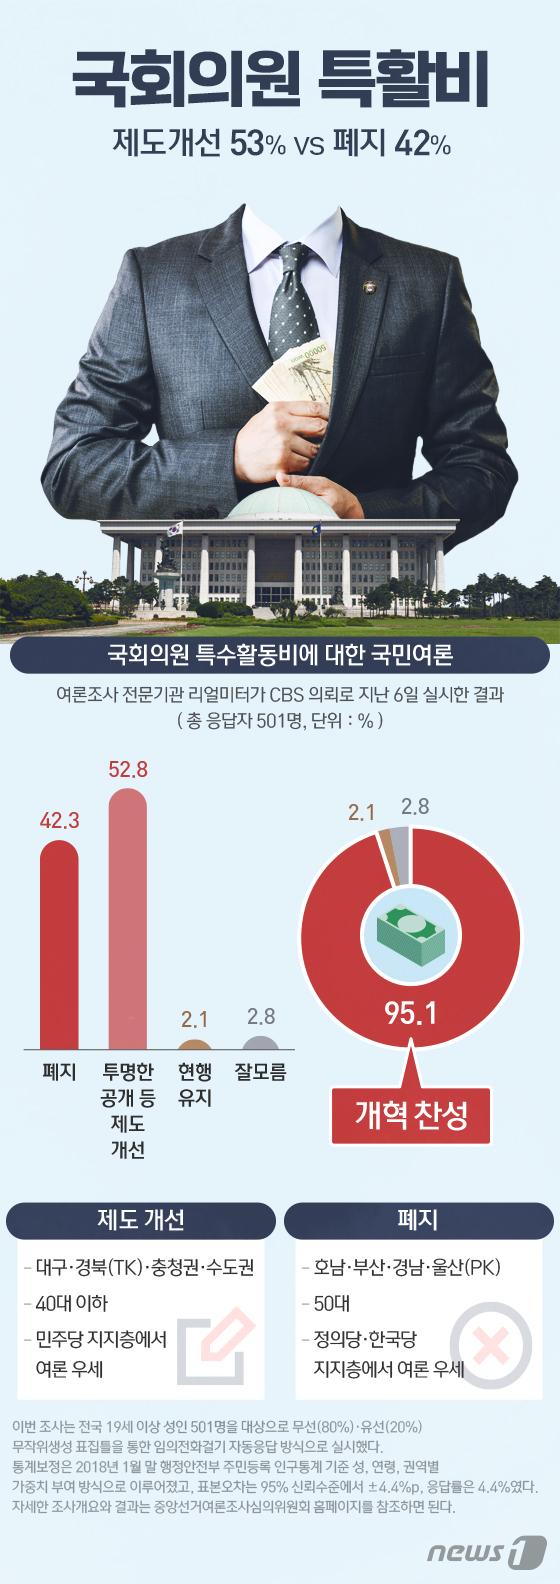 [그래픽뉴스] \'국회의원 특활비\' 제도개선 53% vs 폐지 42%